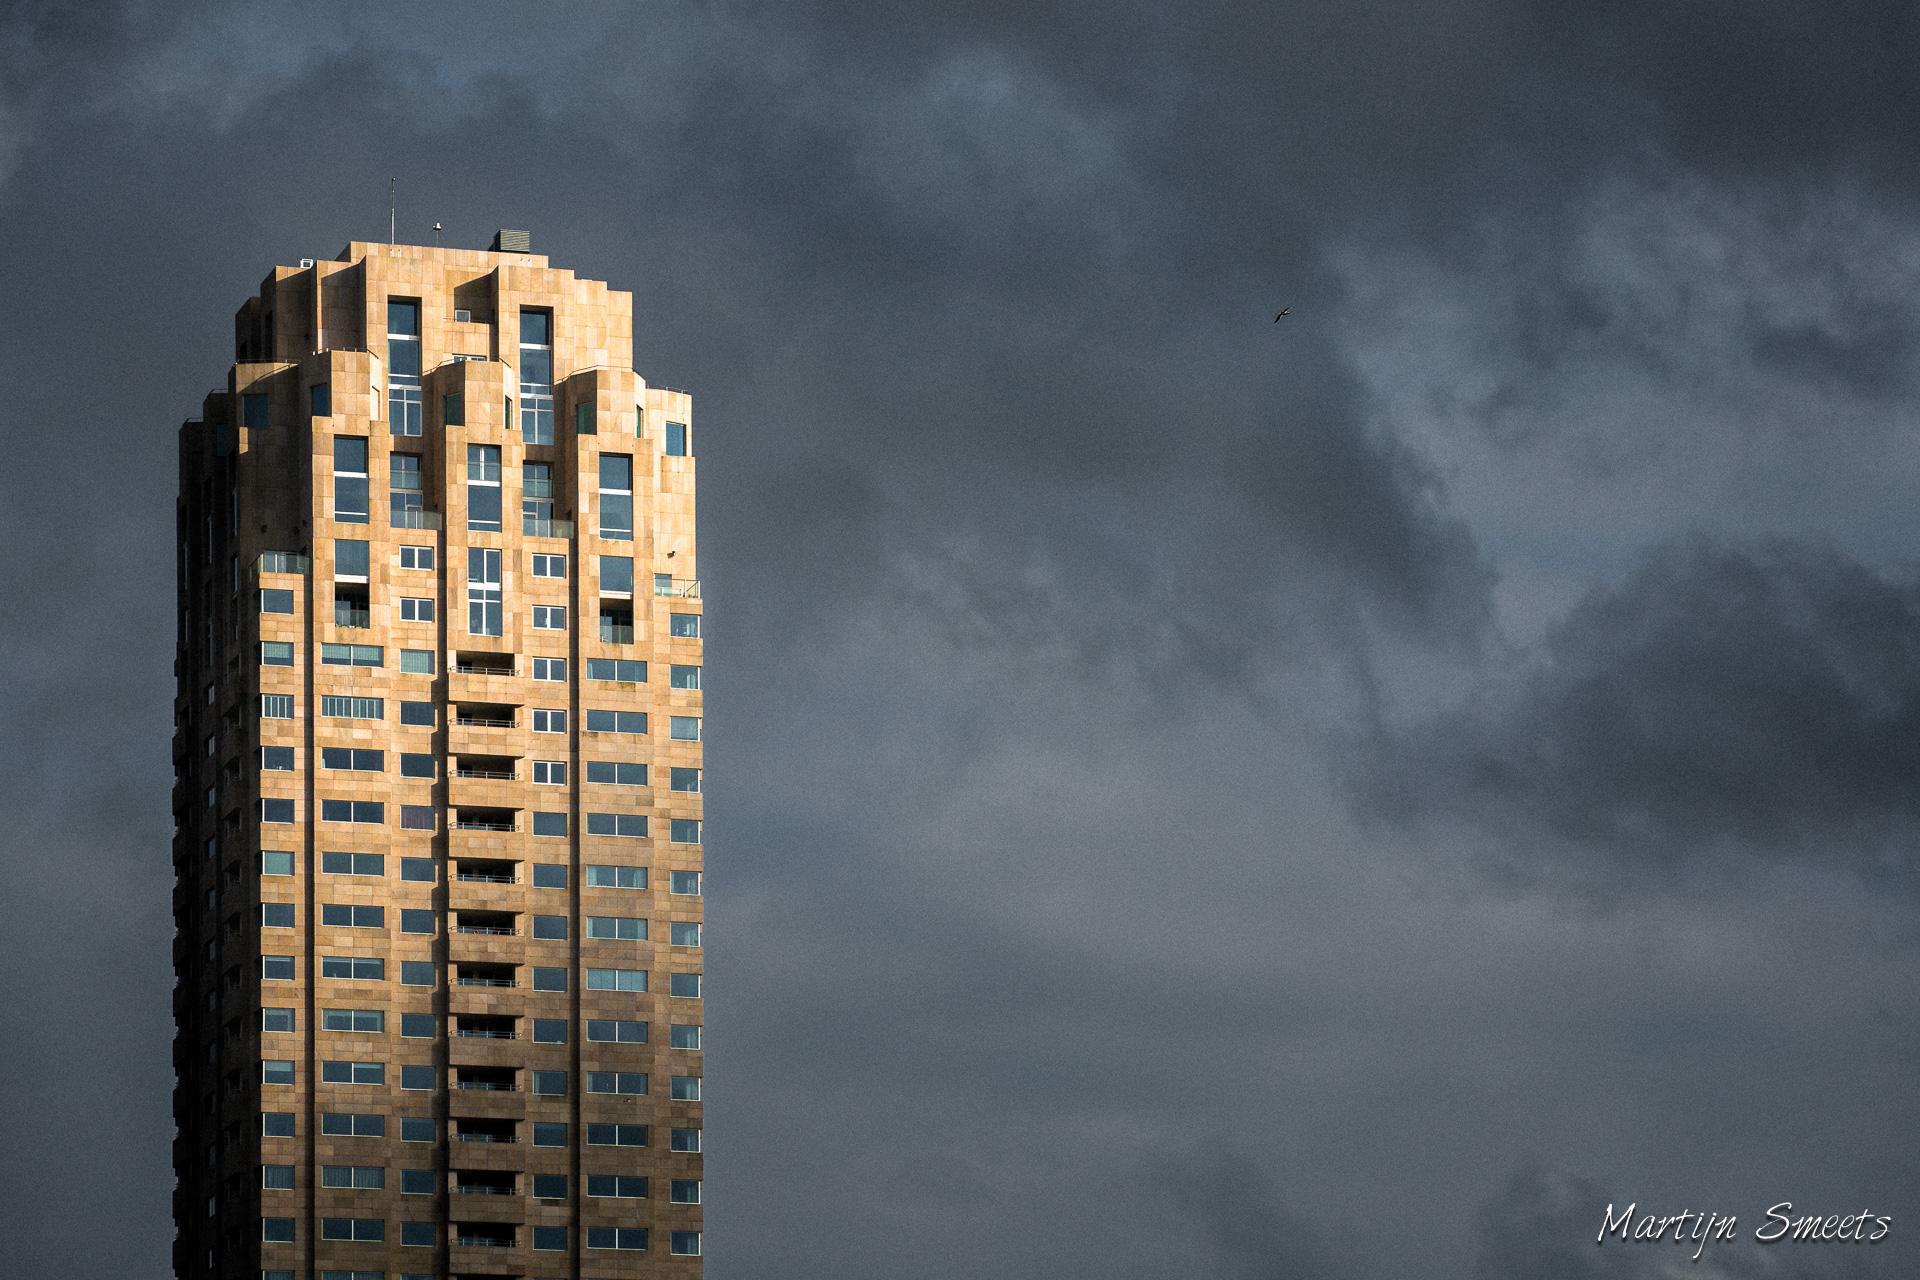 De woontoren New Orleans op de Wilhelminapier in Rotterdam wordt selectief belicht door de ondergaande zon.